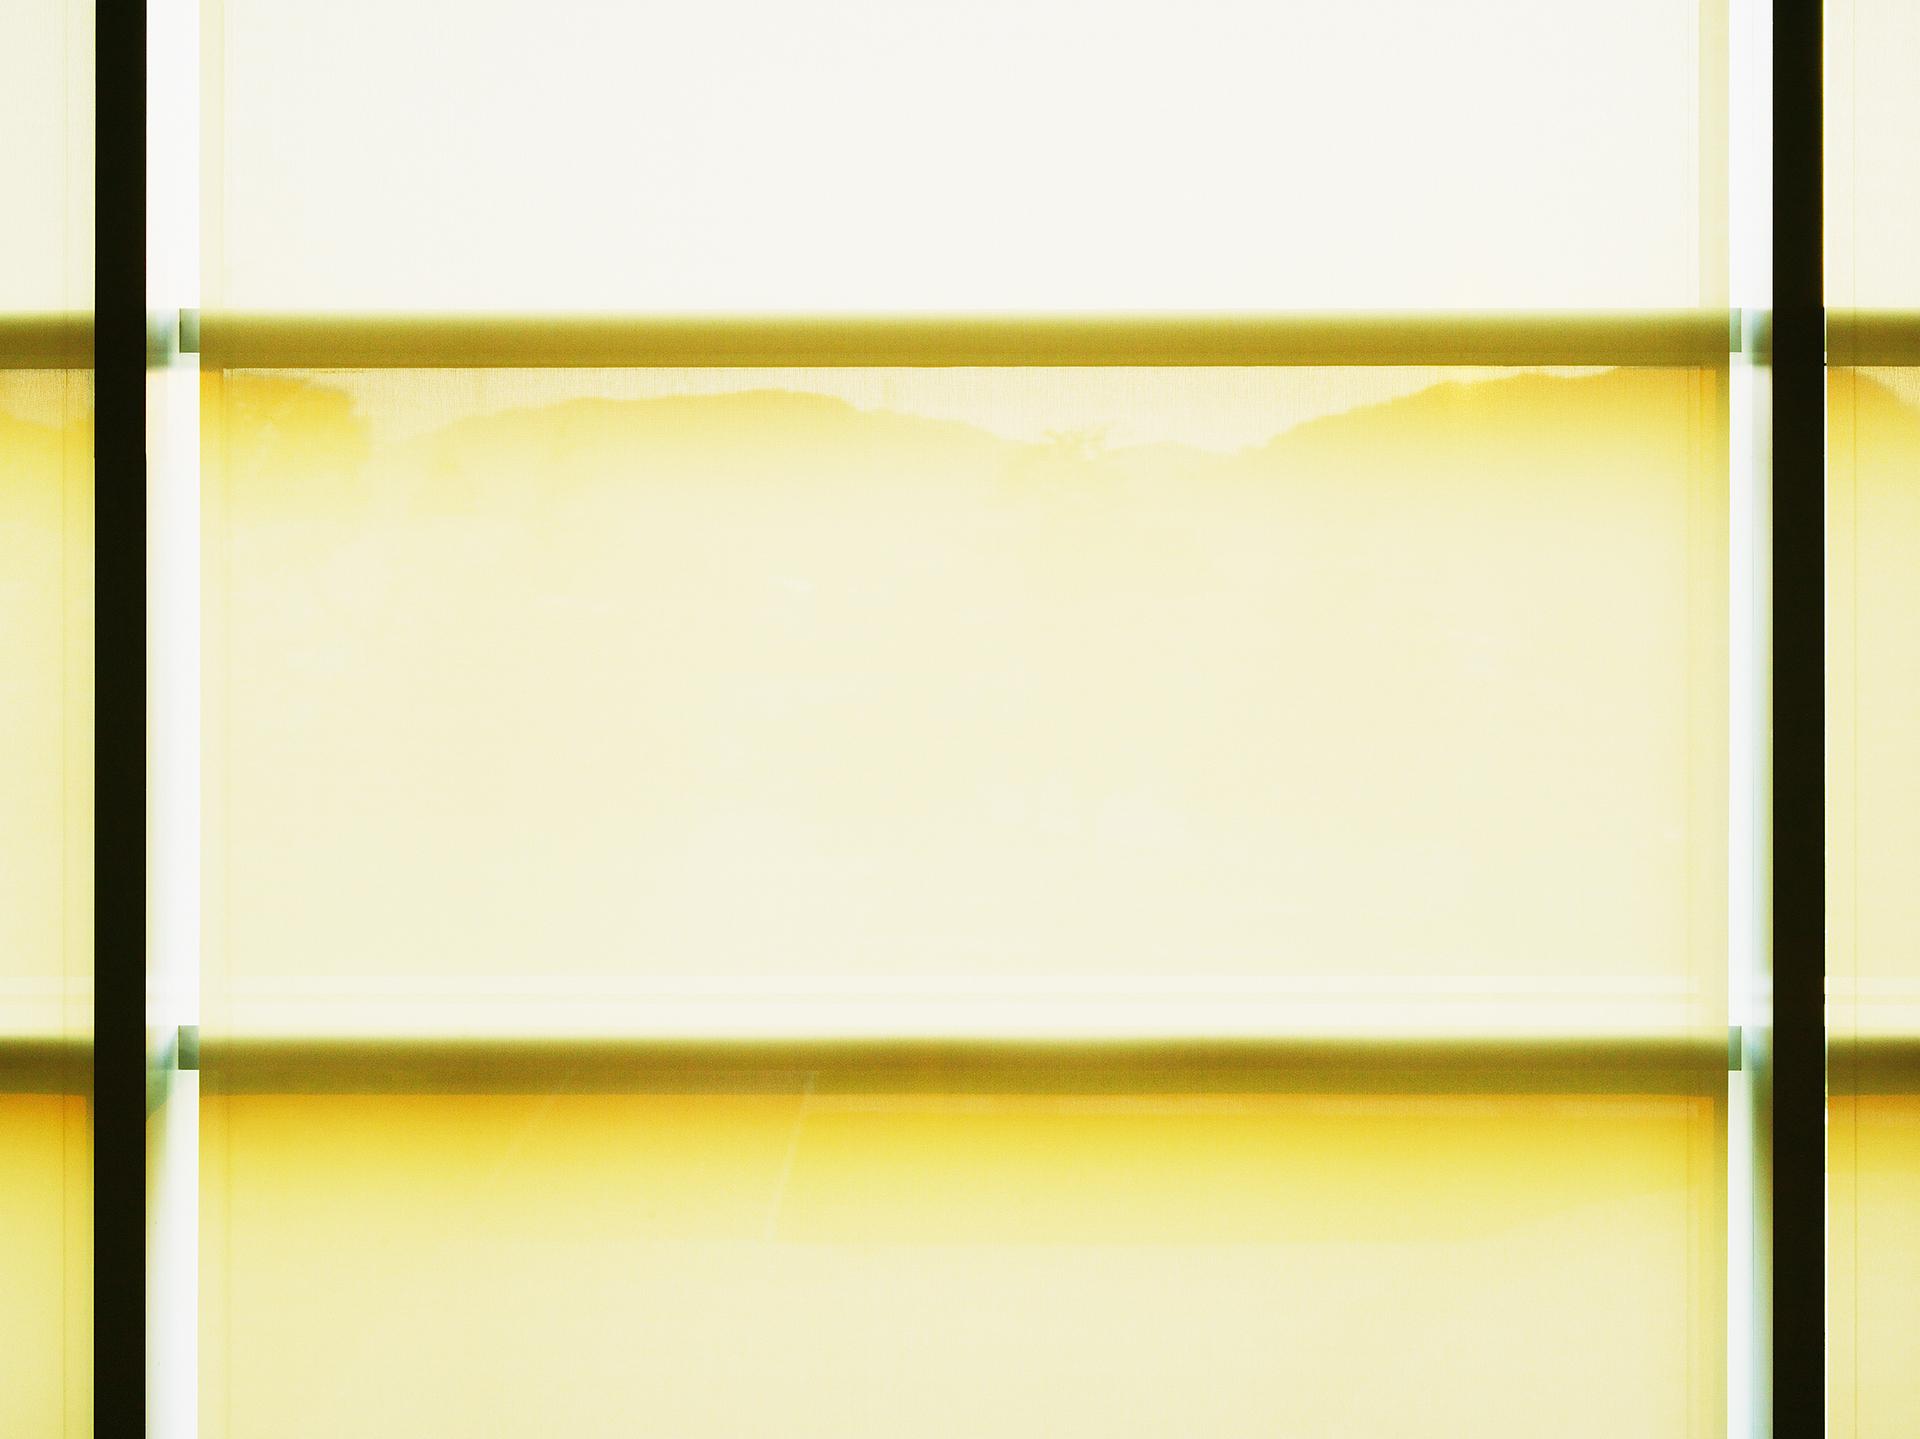 Light Flow : lf, Ie-66   pigment print, diasec, framed  110 x 147cm, 2016